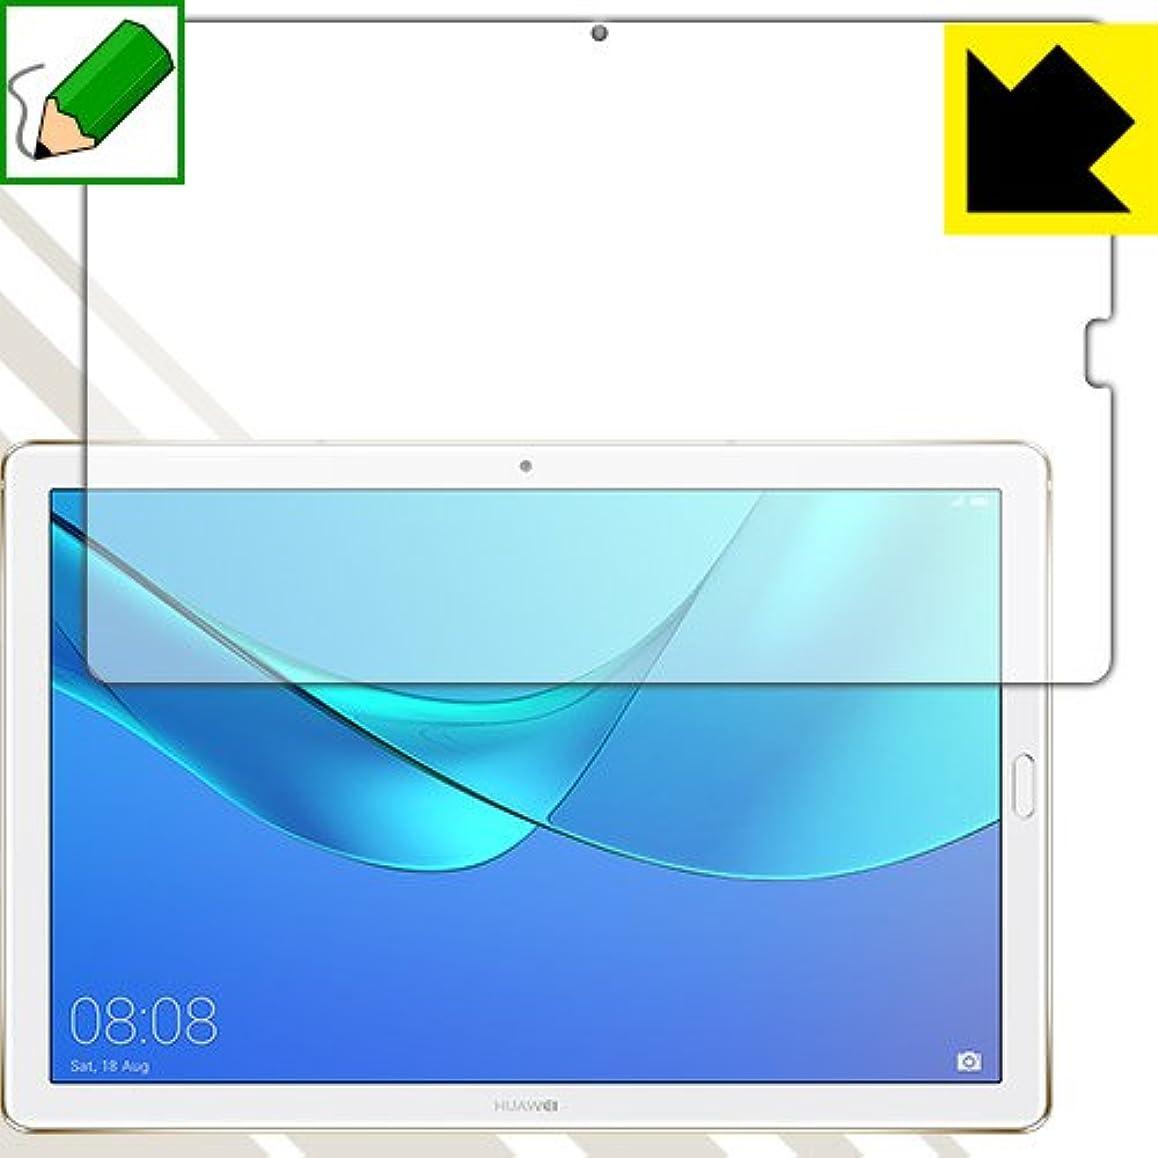 気怠い大臣偏心特殊処理で紙のような描き心地を実現 ペーパーライク保護フィルム HUAWEI MediaPad M5 Pro (10.8型) 日本製